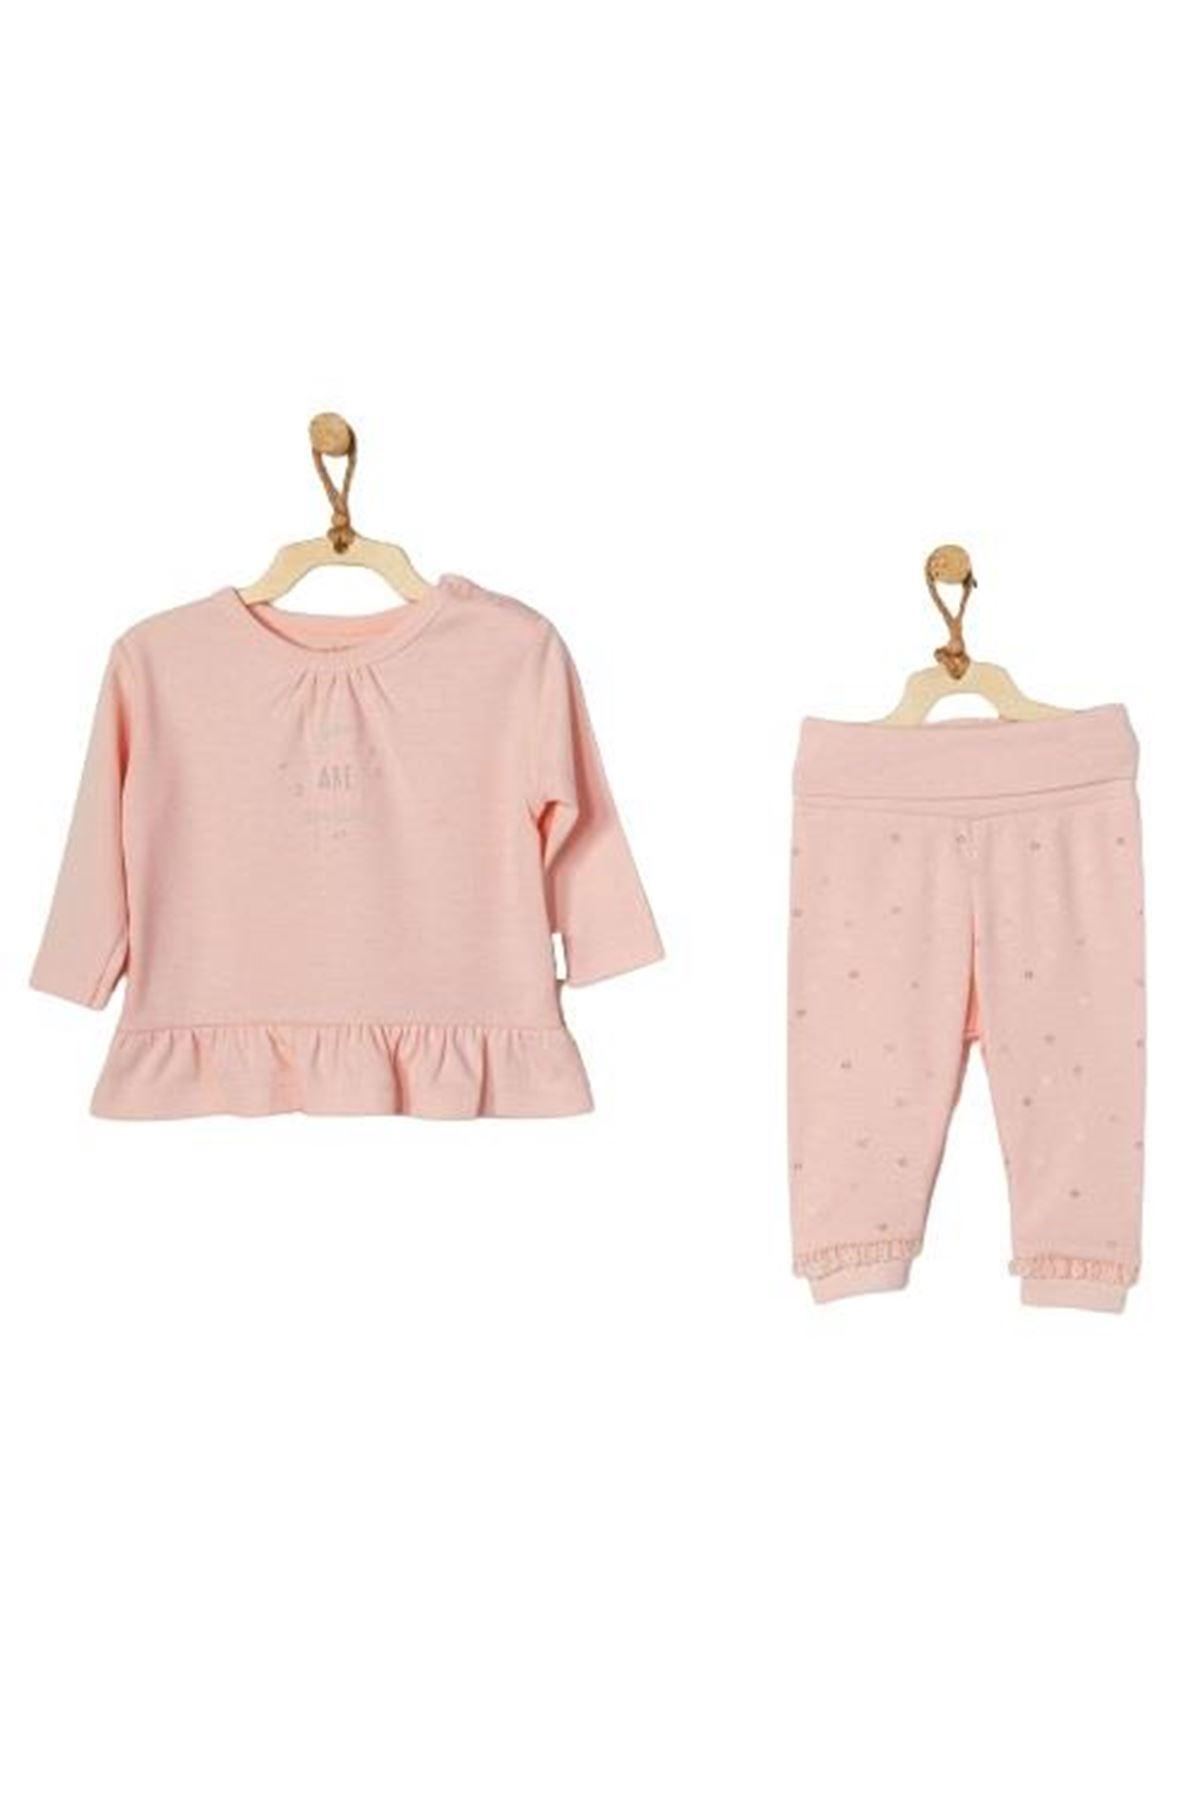 Andywawa AC22105 Home Sweet Home 2Li Bebe Takım Pink